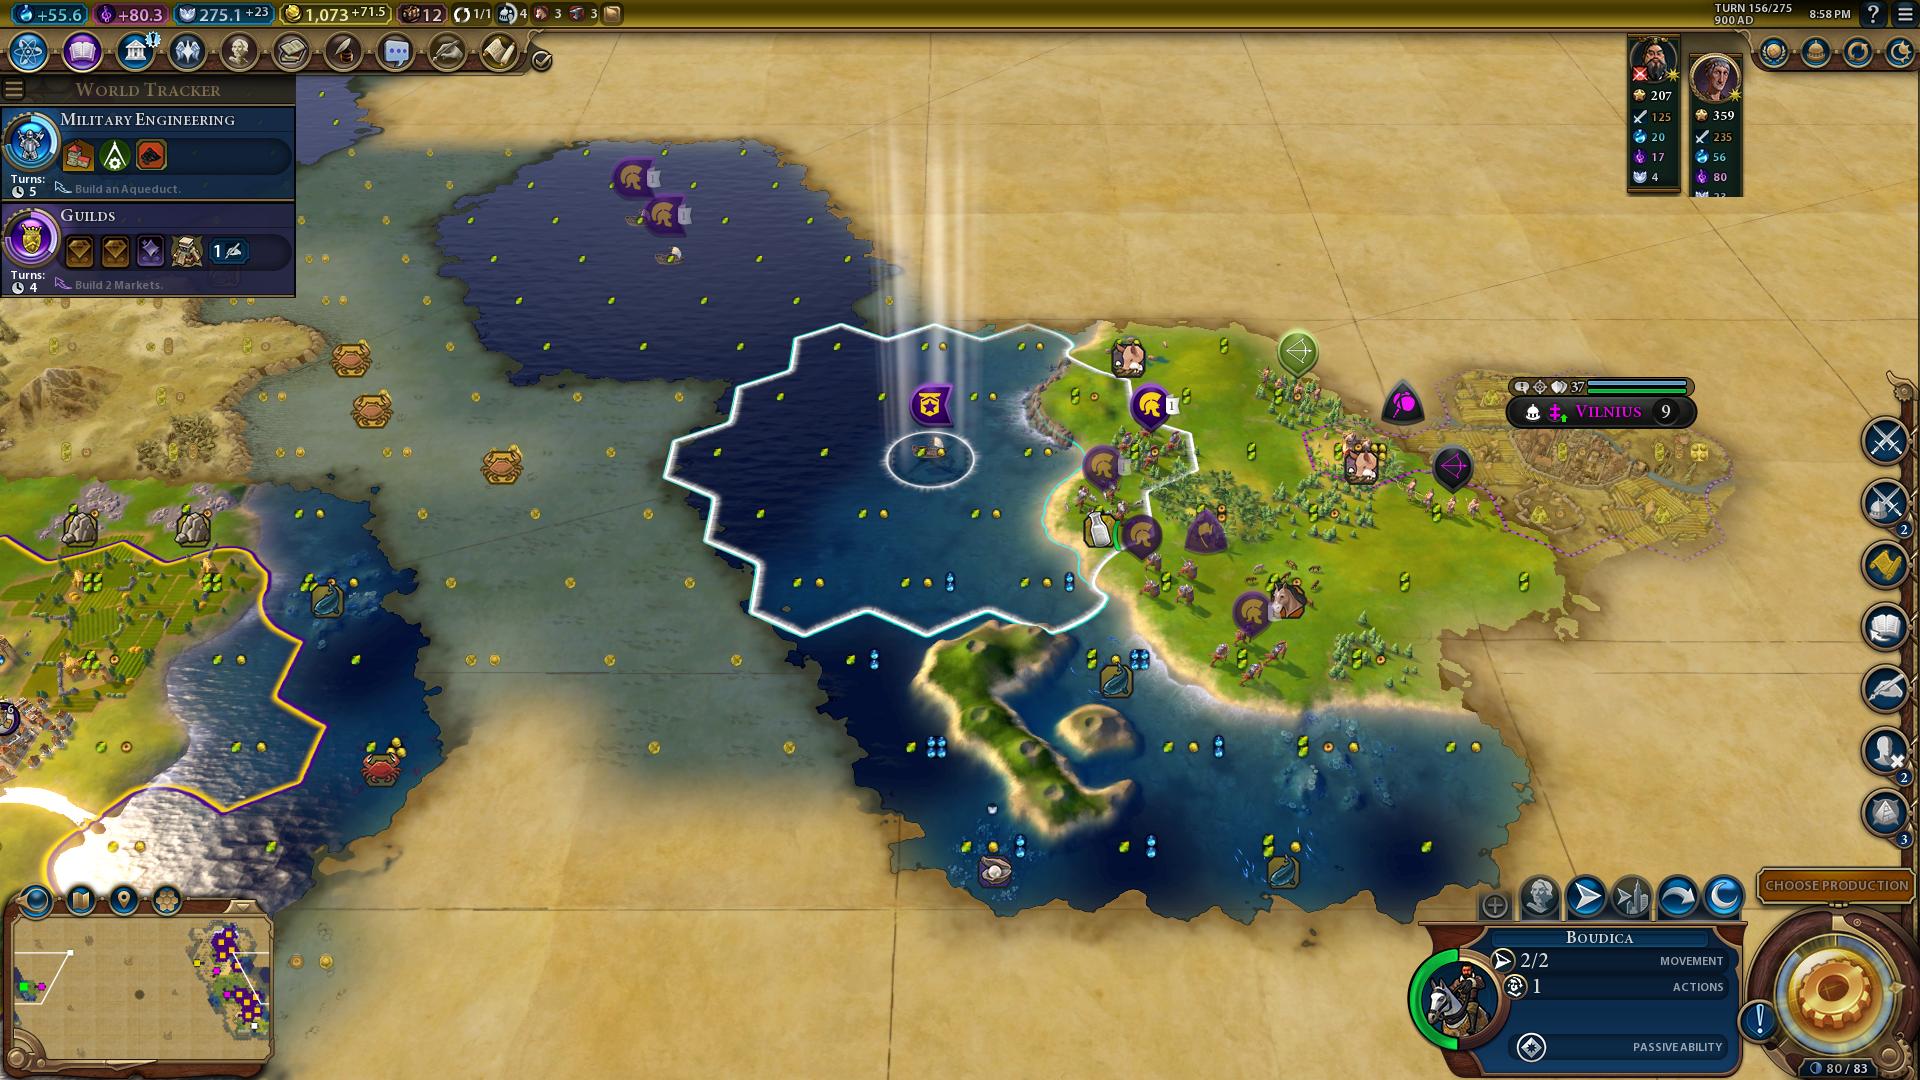 Sid Meier's Civilization VI (DX11) 11_1_2018 8_58_20 PM.png